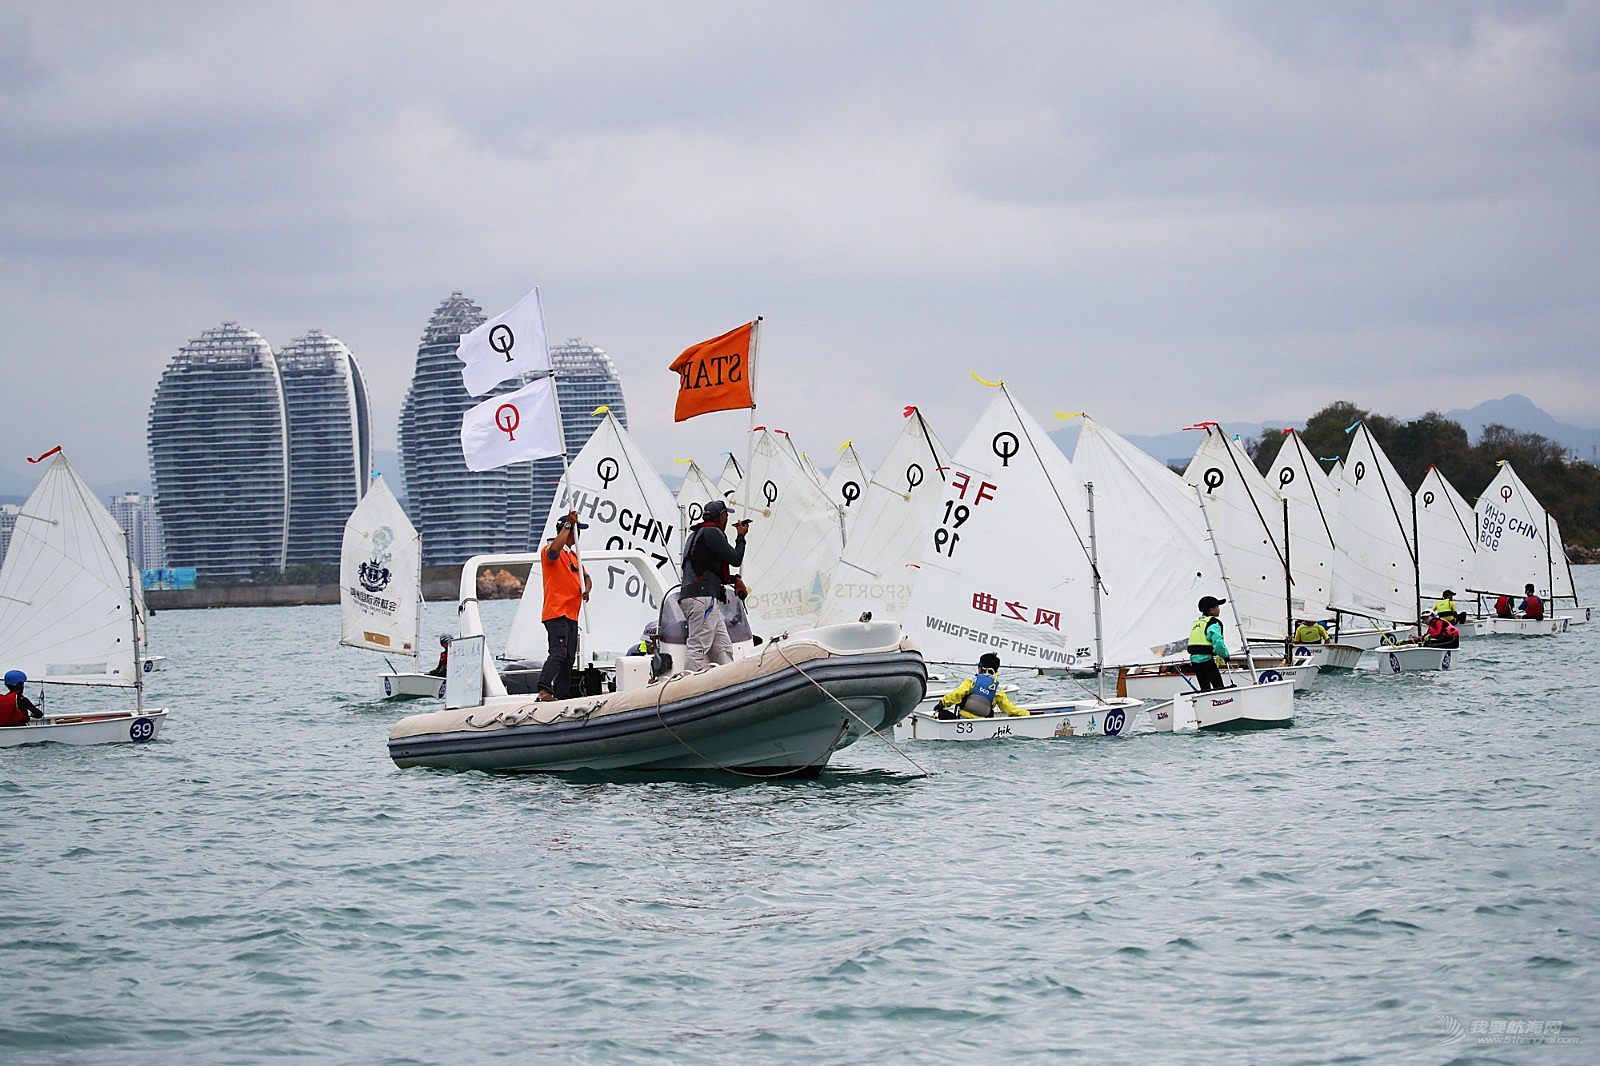 第十届海帆赛OP帆船邀请赛、Hobie16全国帆船精英赛首日精彩图片(组委会提供)8